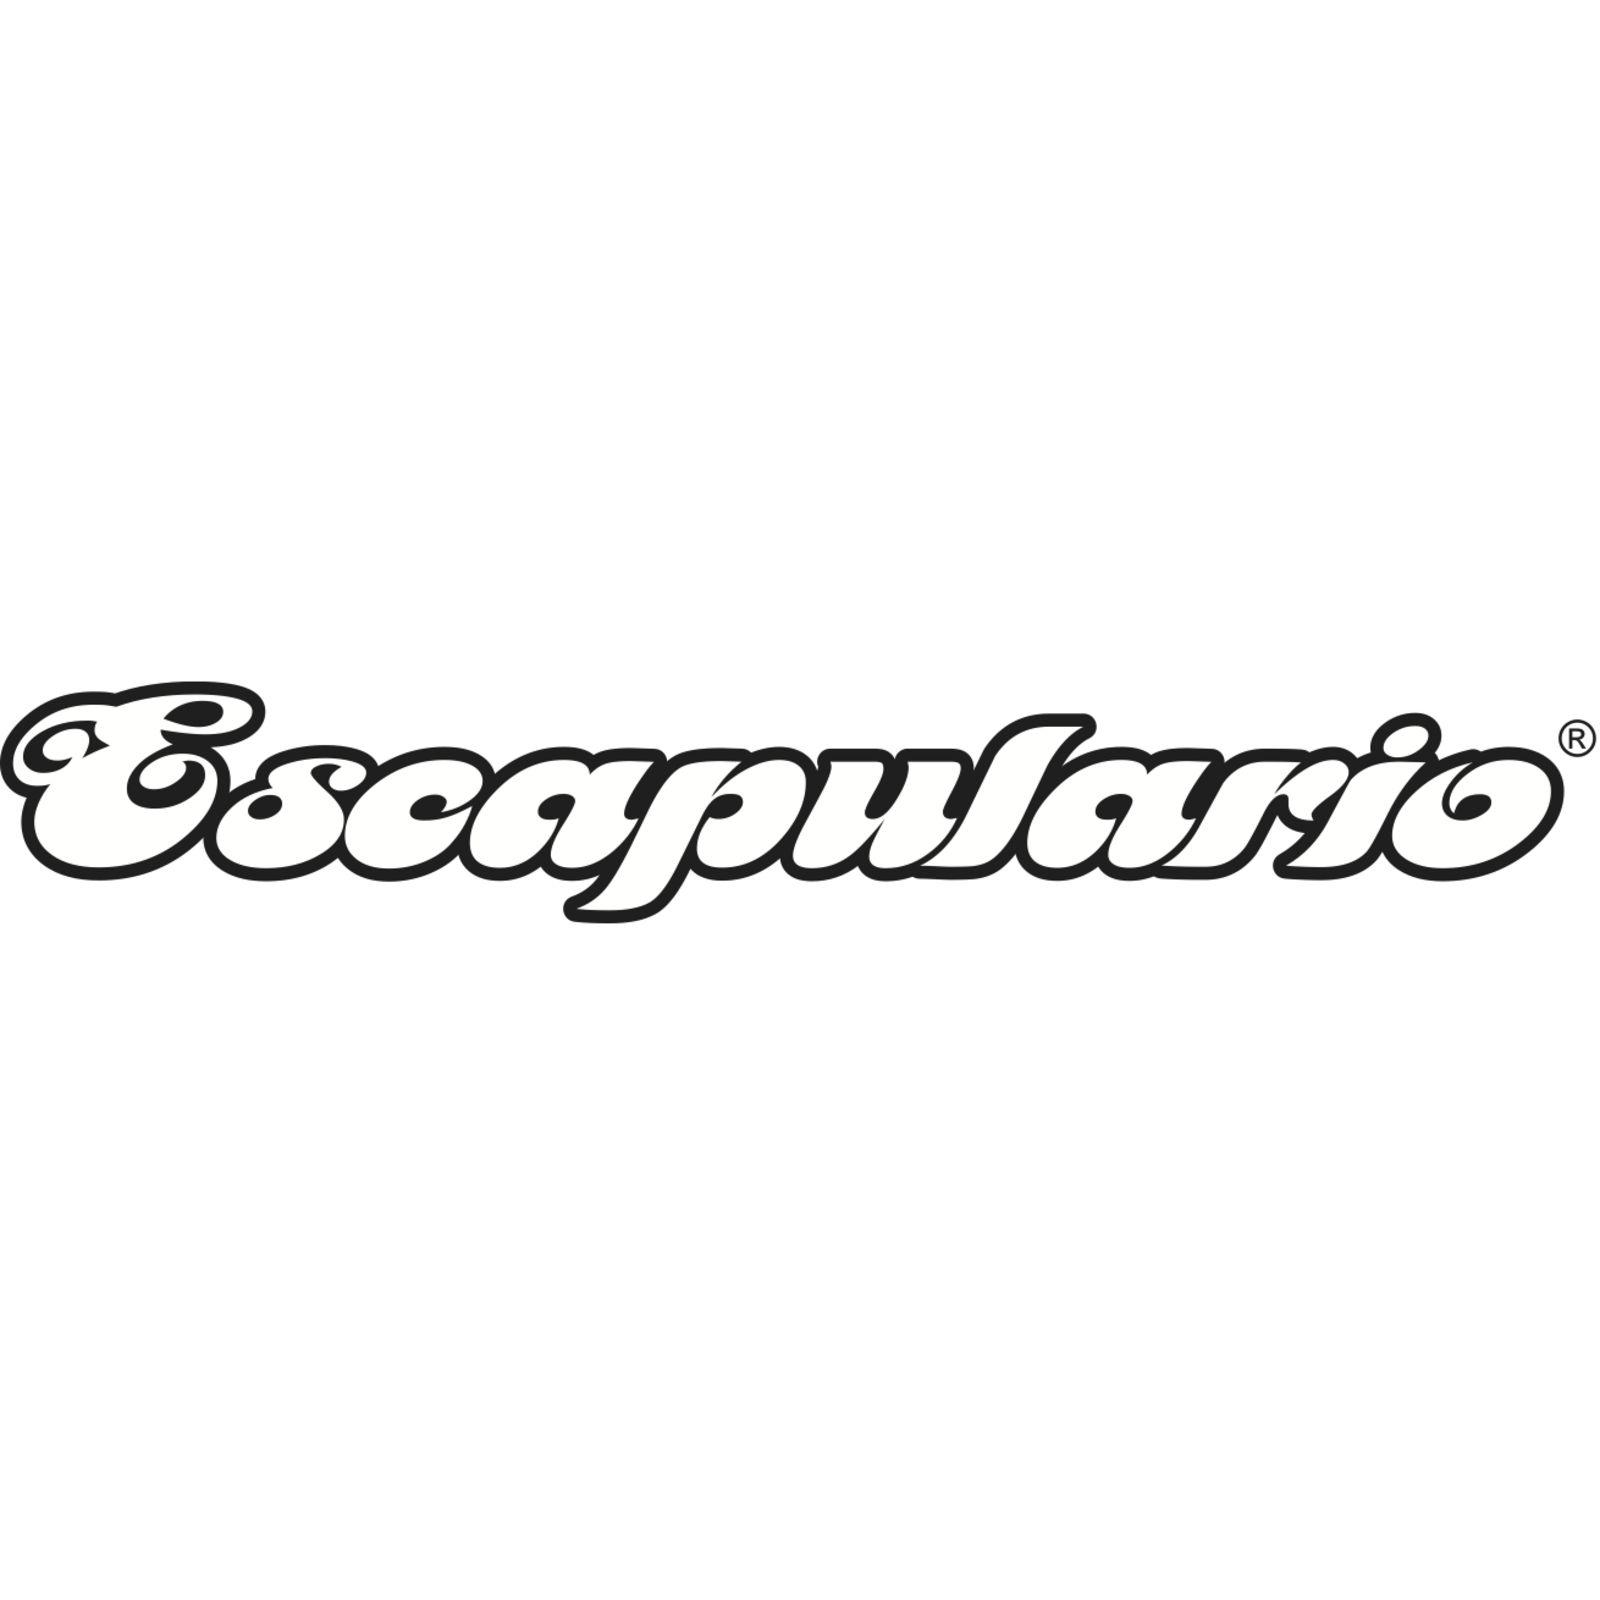 Escapulario® in Düsseldorf (Image 1)